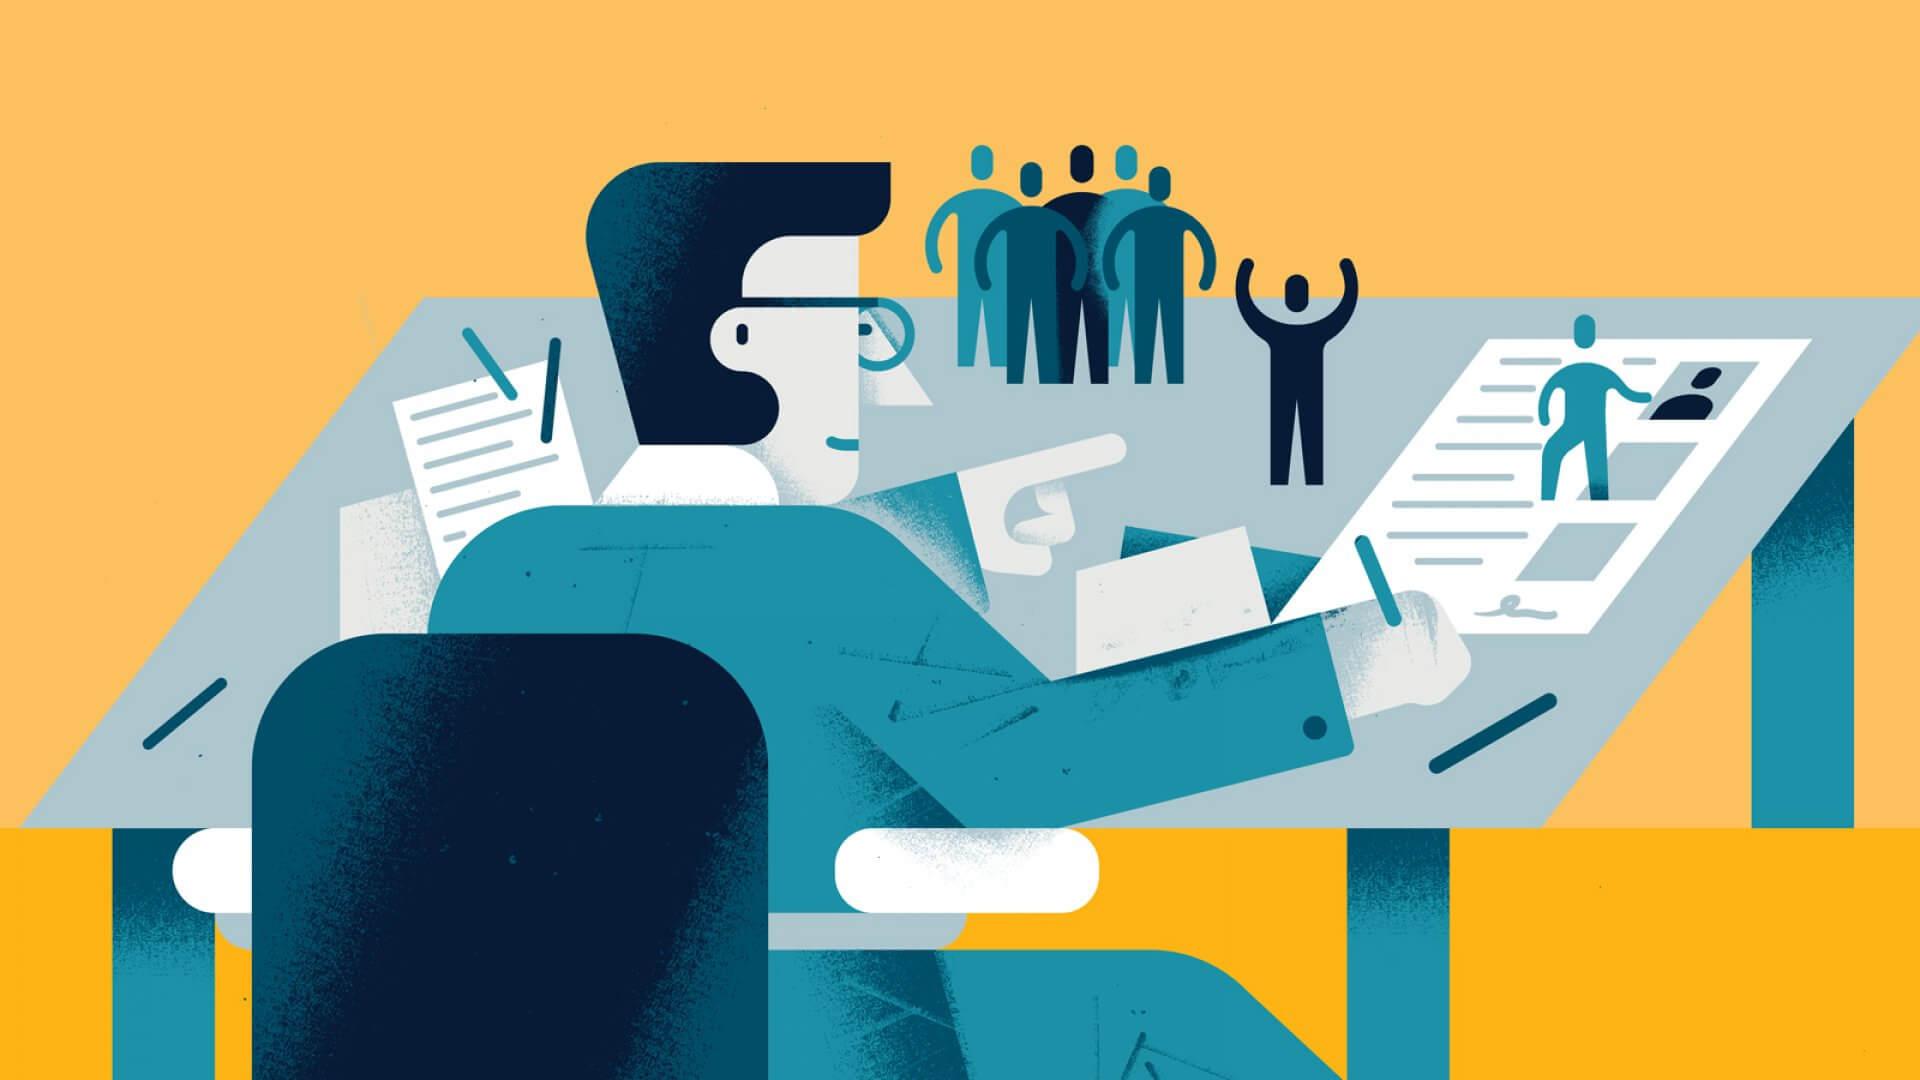 راه های عملی افزایش کارآیی در محل کار